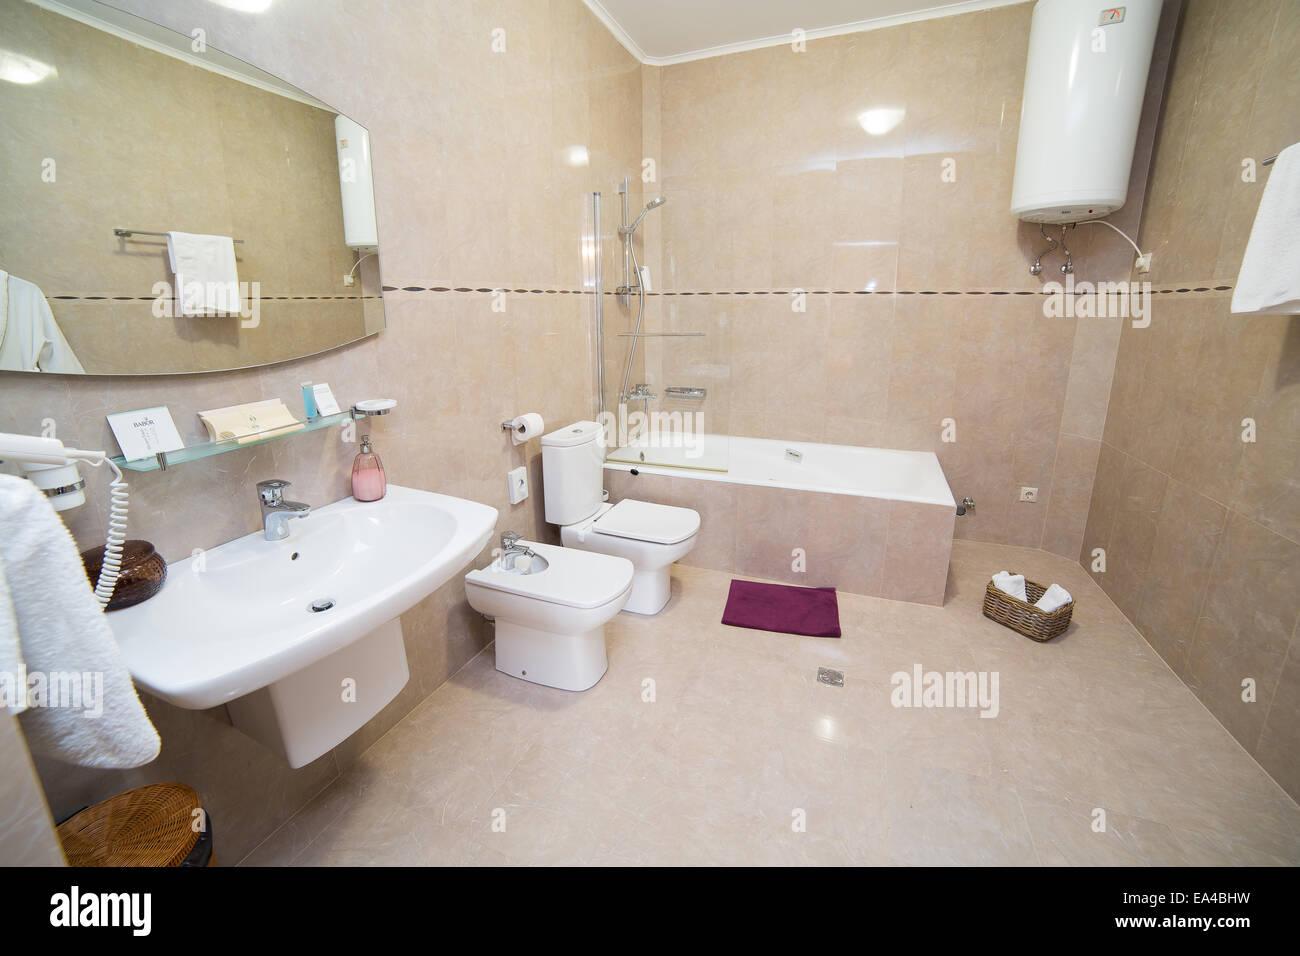 Salle De Bains Ou Toilettes ~ salle de bains wc toilettes wc prix interior design banque d